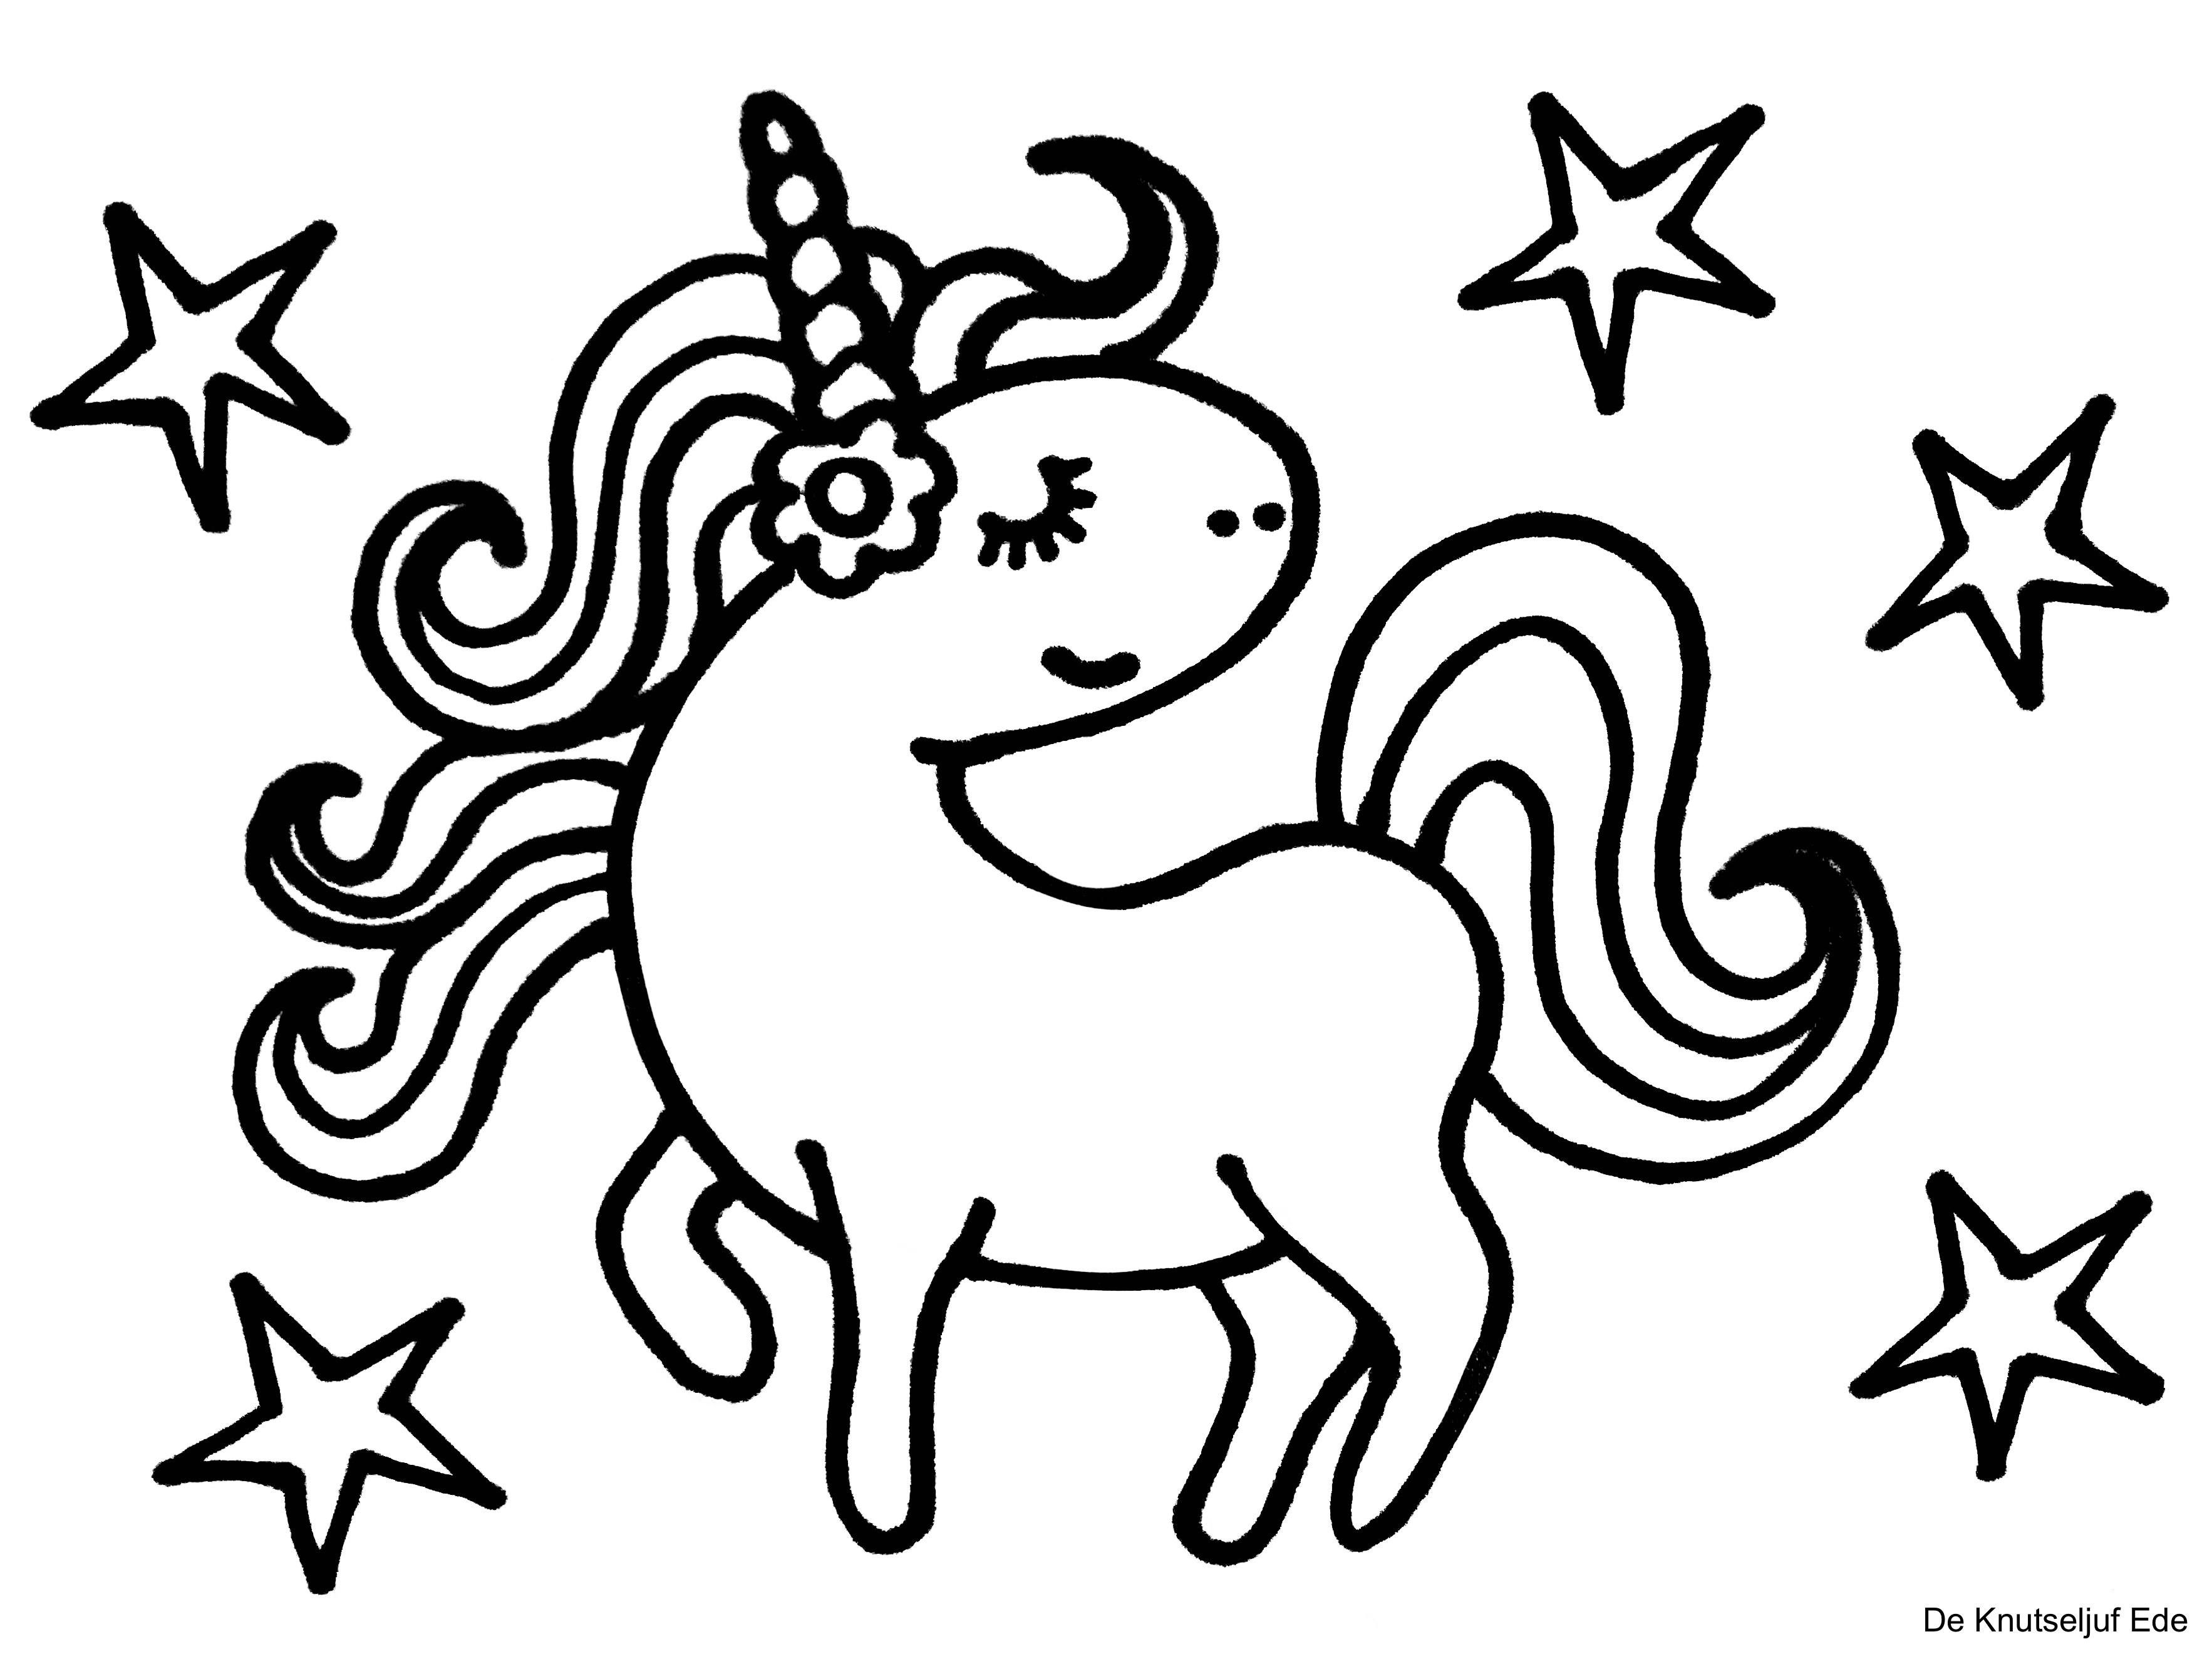 Kleurplaten Eenhoorns Unicorns Deknutseljufede Kleurplaat Kleurplaten Unicorns Eenhoorns D Kleurplaten Gratis Kleurplaten Kleurplaten Voor Kinderen